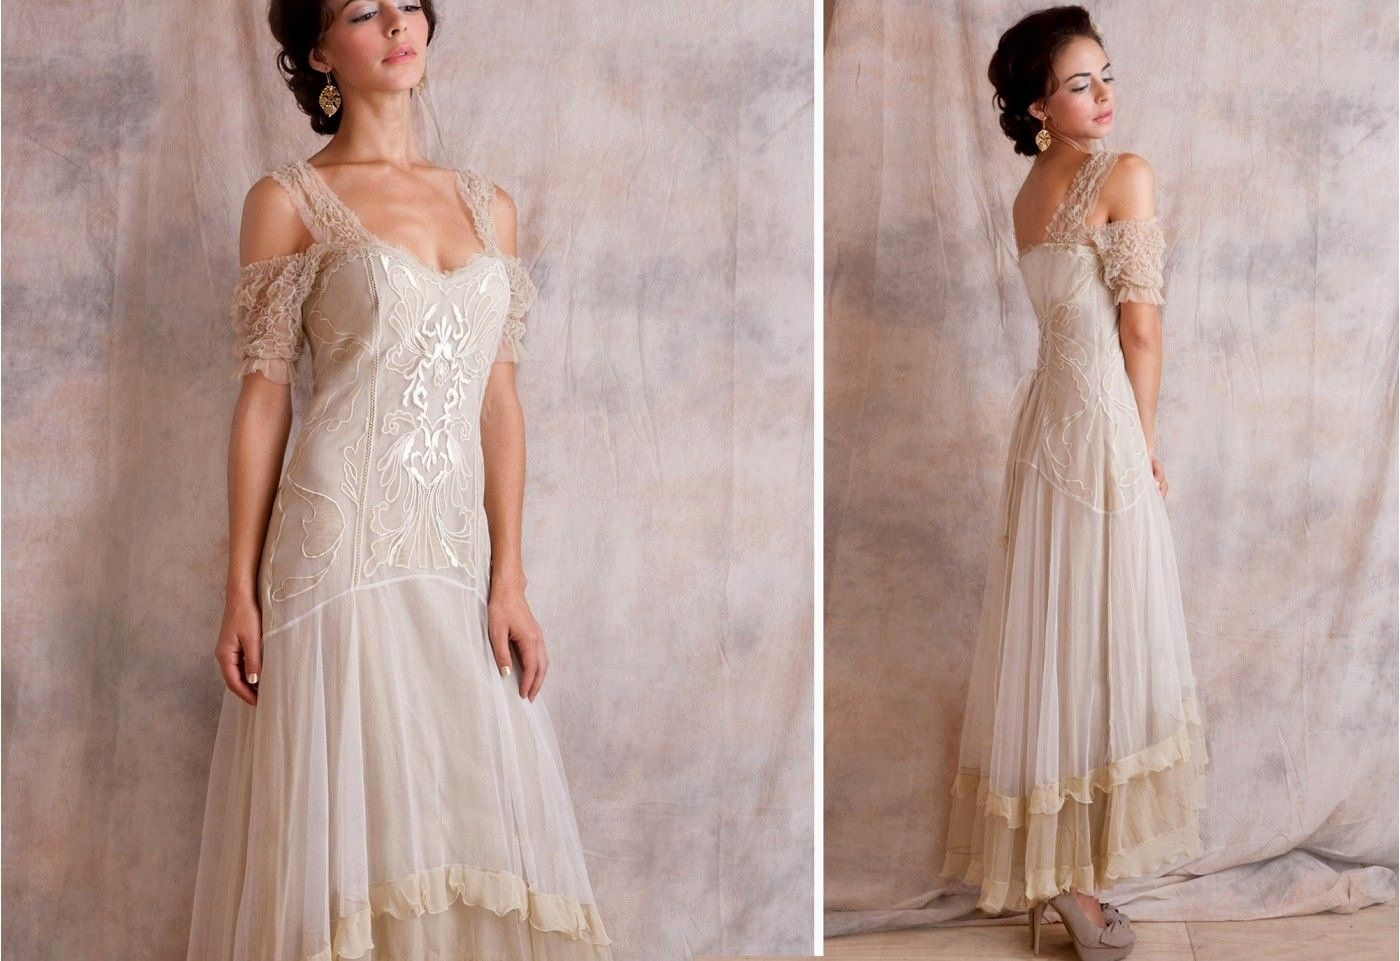 Vintage Blue Wedding Dress Unique Vintage Style Wedding Dresses For Older Brides Informal Wedding Dresses Casual Wedding Dress 2nd Marriage Wedding Dress [ 961 x 1400 Pixel ]